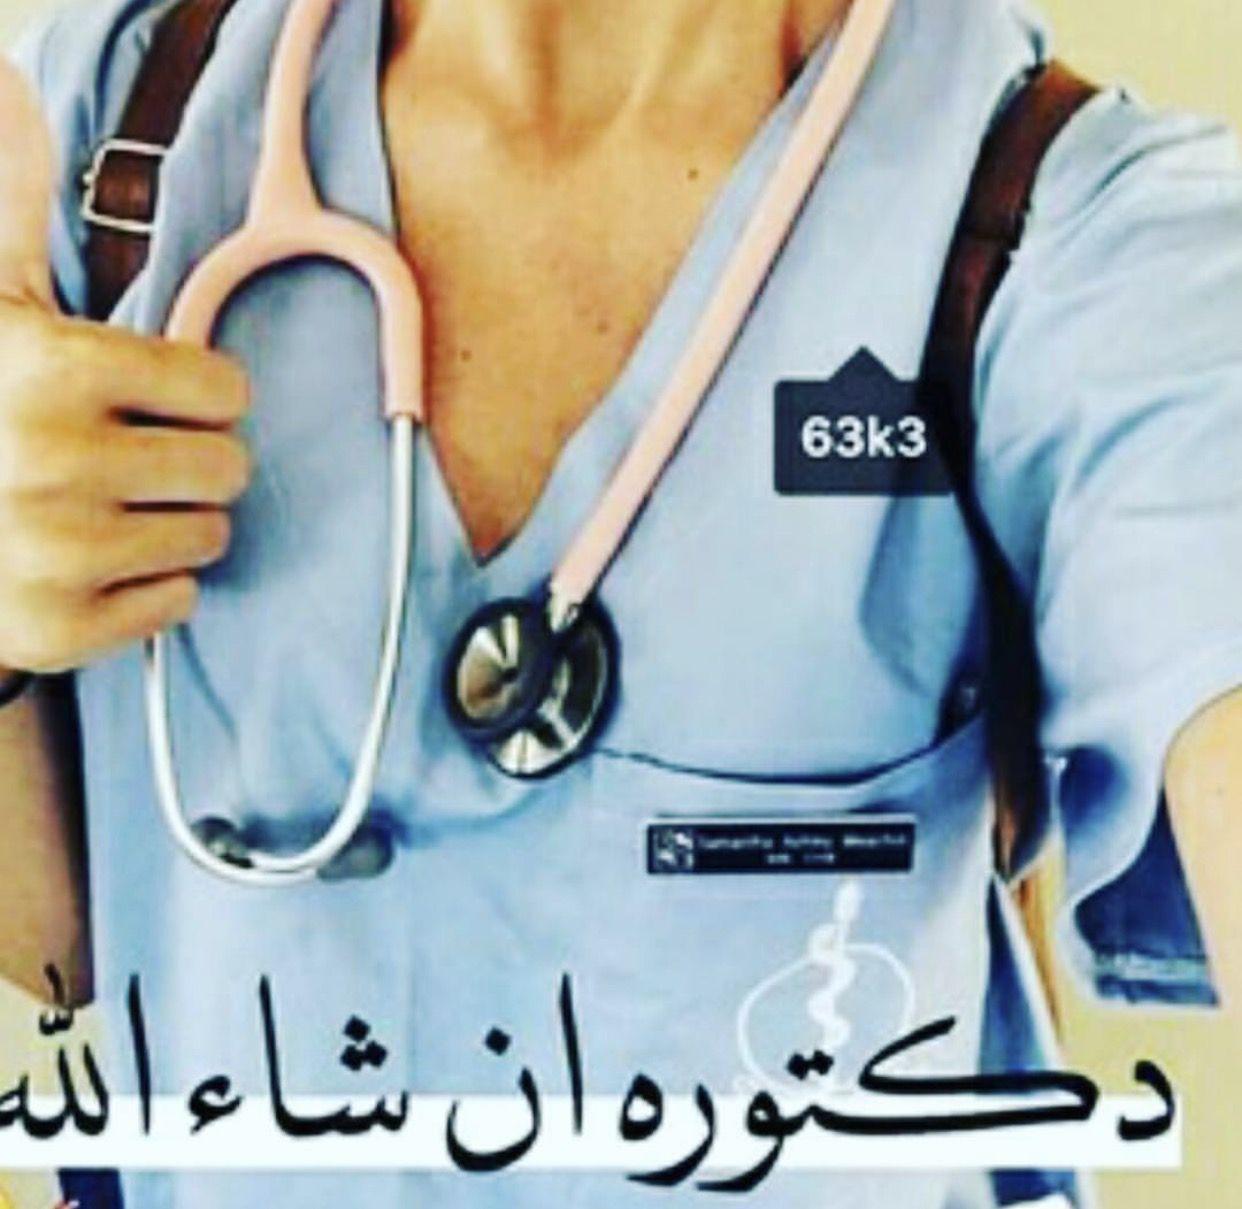 ان شاء الله يارب نشوفك اهم دكتورة صيدلة في الدنيا تستاهلي كل خير ربي يوفقك في مشوارك دكتور سجو Medical Quotes Dentistry Student Doctor Medical